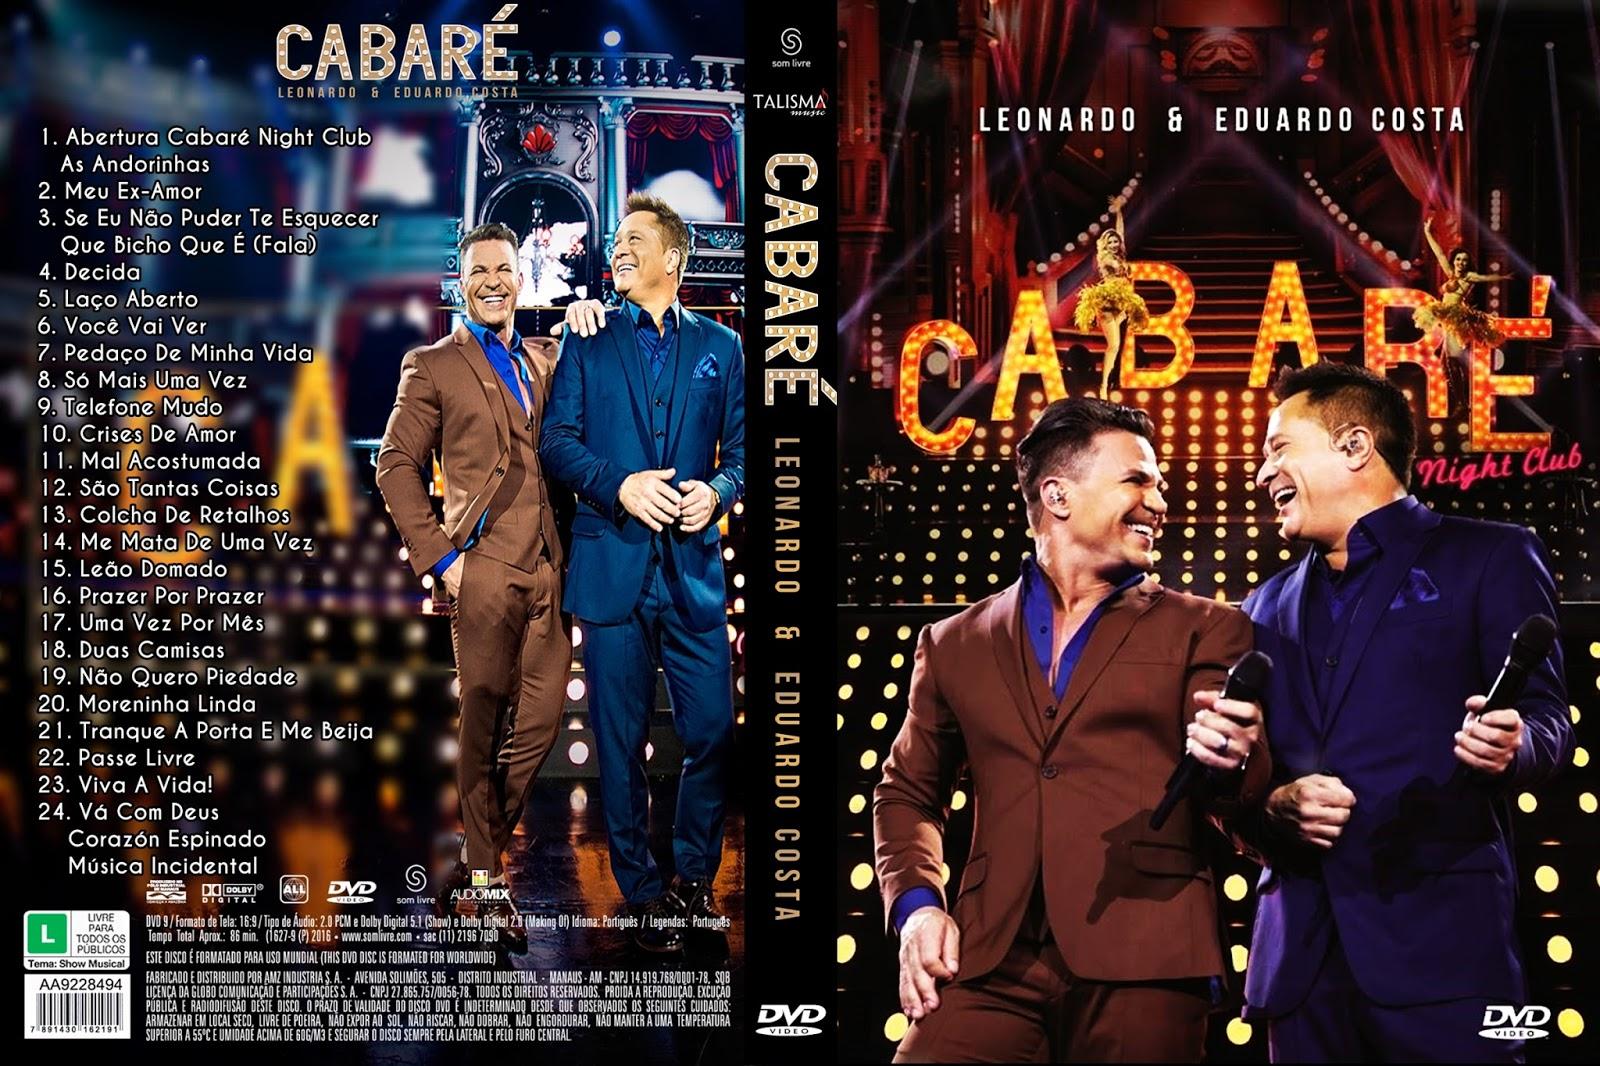 Download Leonardo & Eduardo Costa Cabaré 2 Night Club DVD-R Download Leonardo & Eduardo Costa Cabaré 2 Night Club DVD-R Leonardo 2B 2526 2BEduardo 2BCosta 2B  2BCabar 25C3 25A9 2B2016 2BXANDAODOWNLOAD